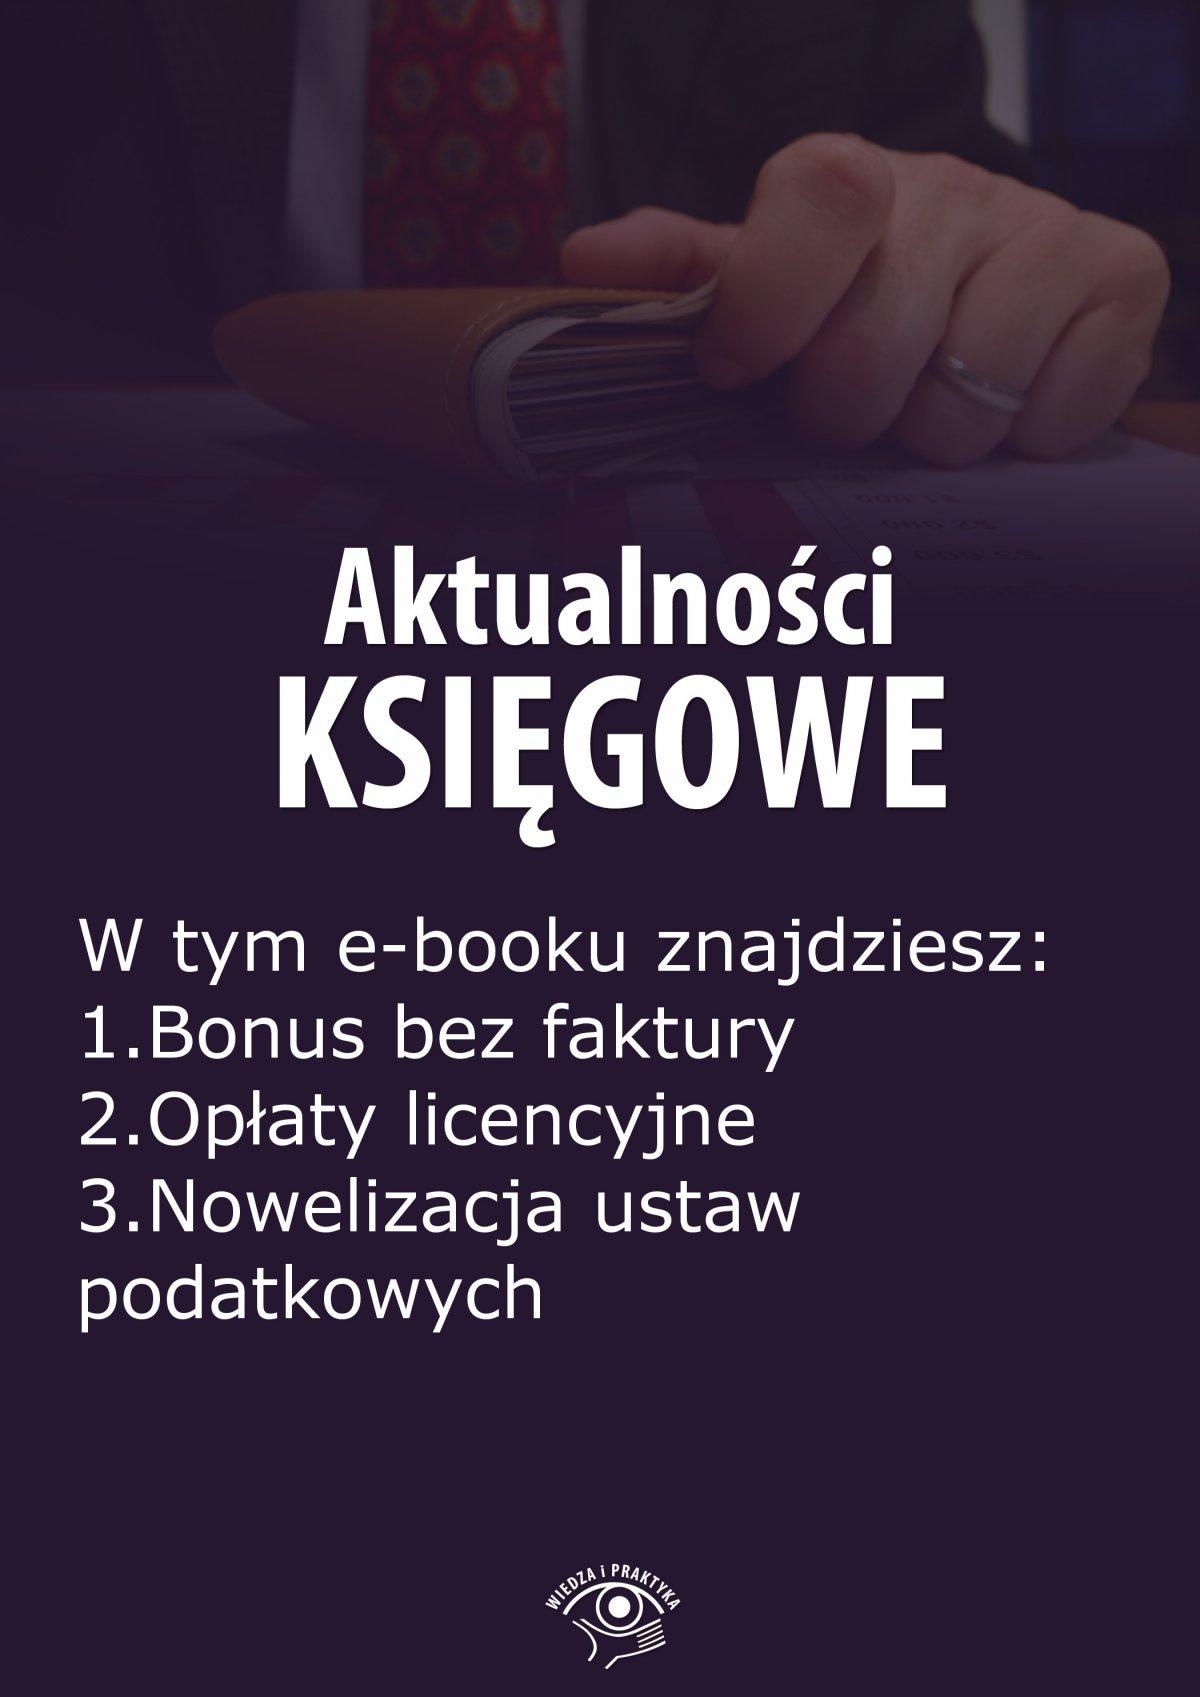 Aktualności księgowe, wydanie październik 2014 r. - Ebook (Książka EPUB) do pobrania w formacie EPUB